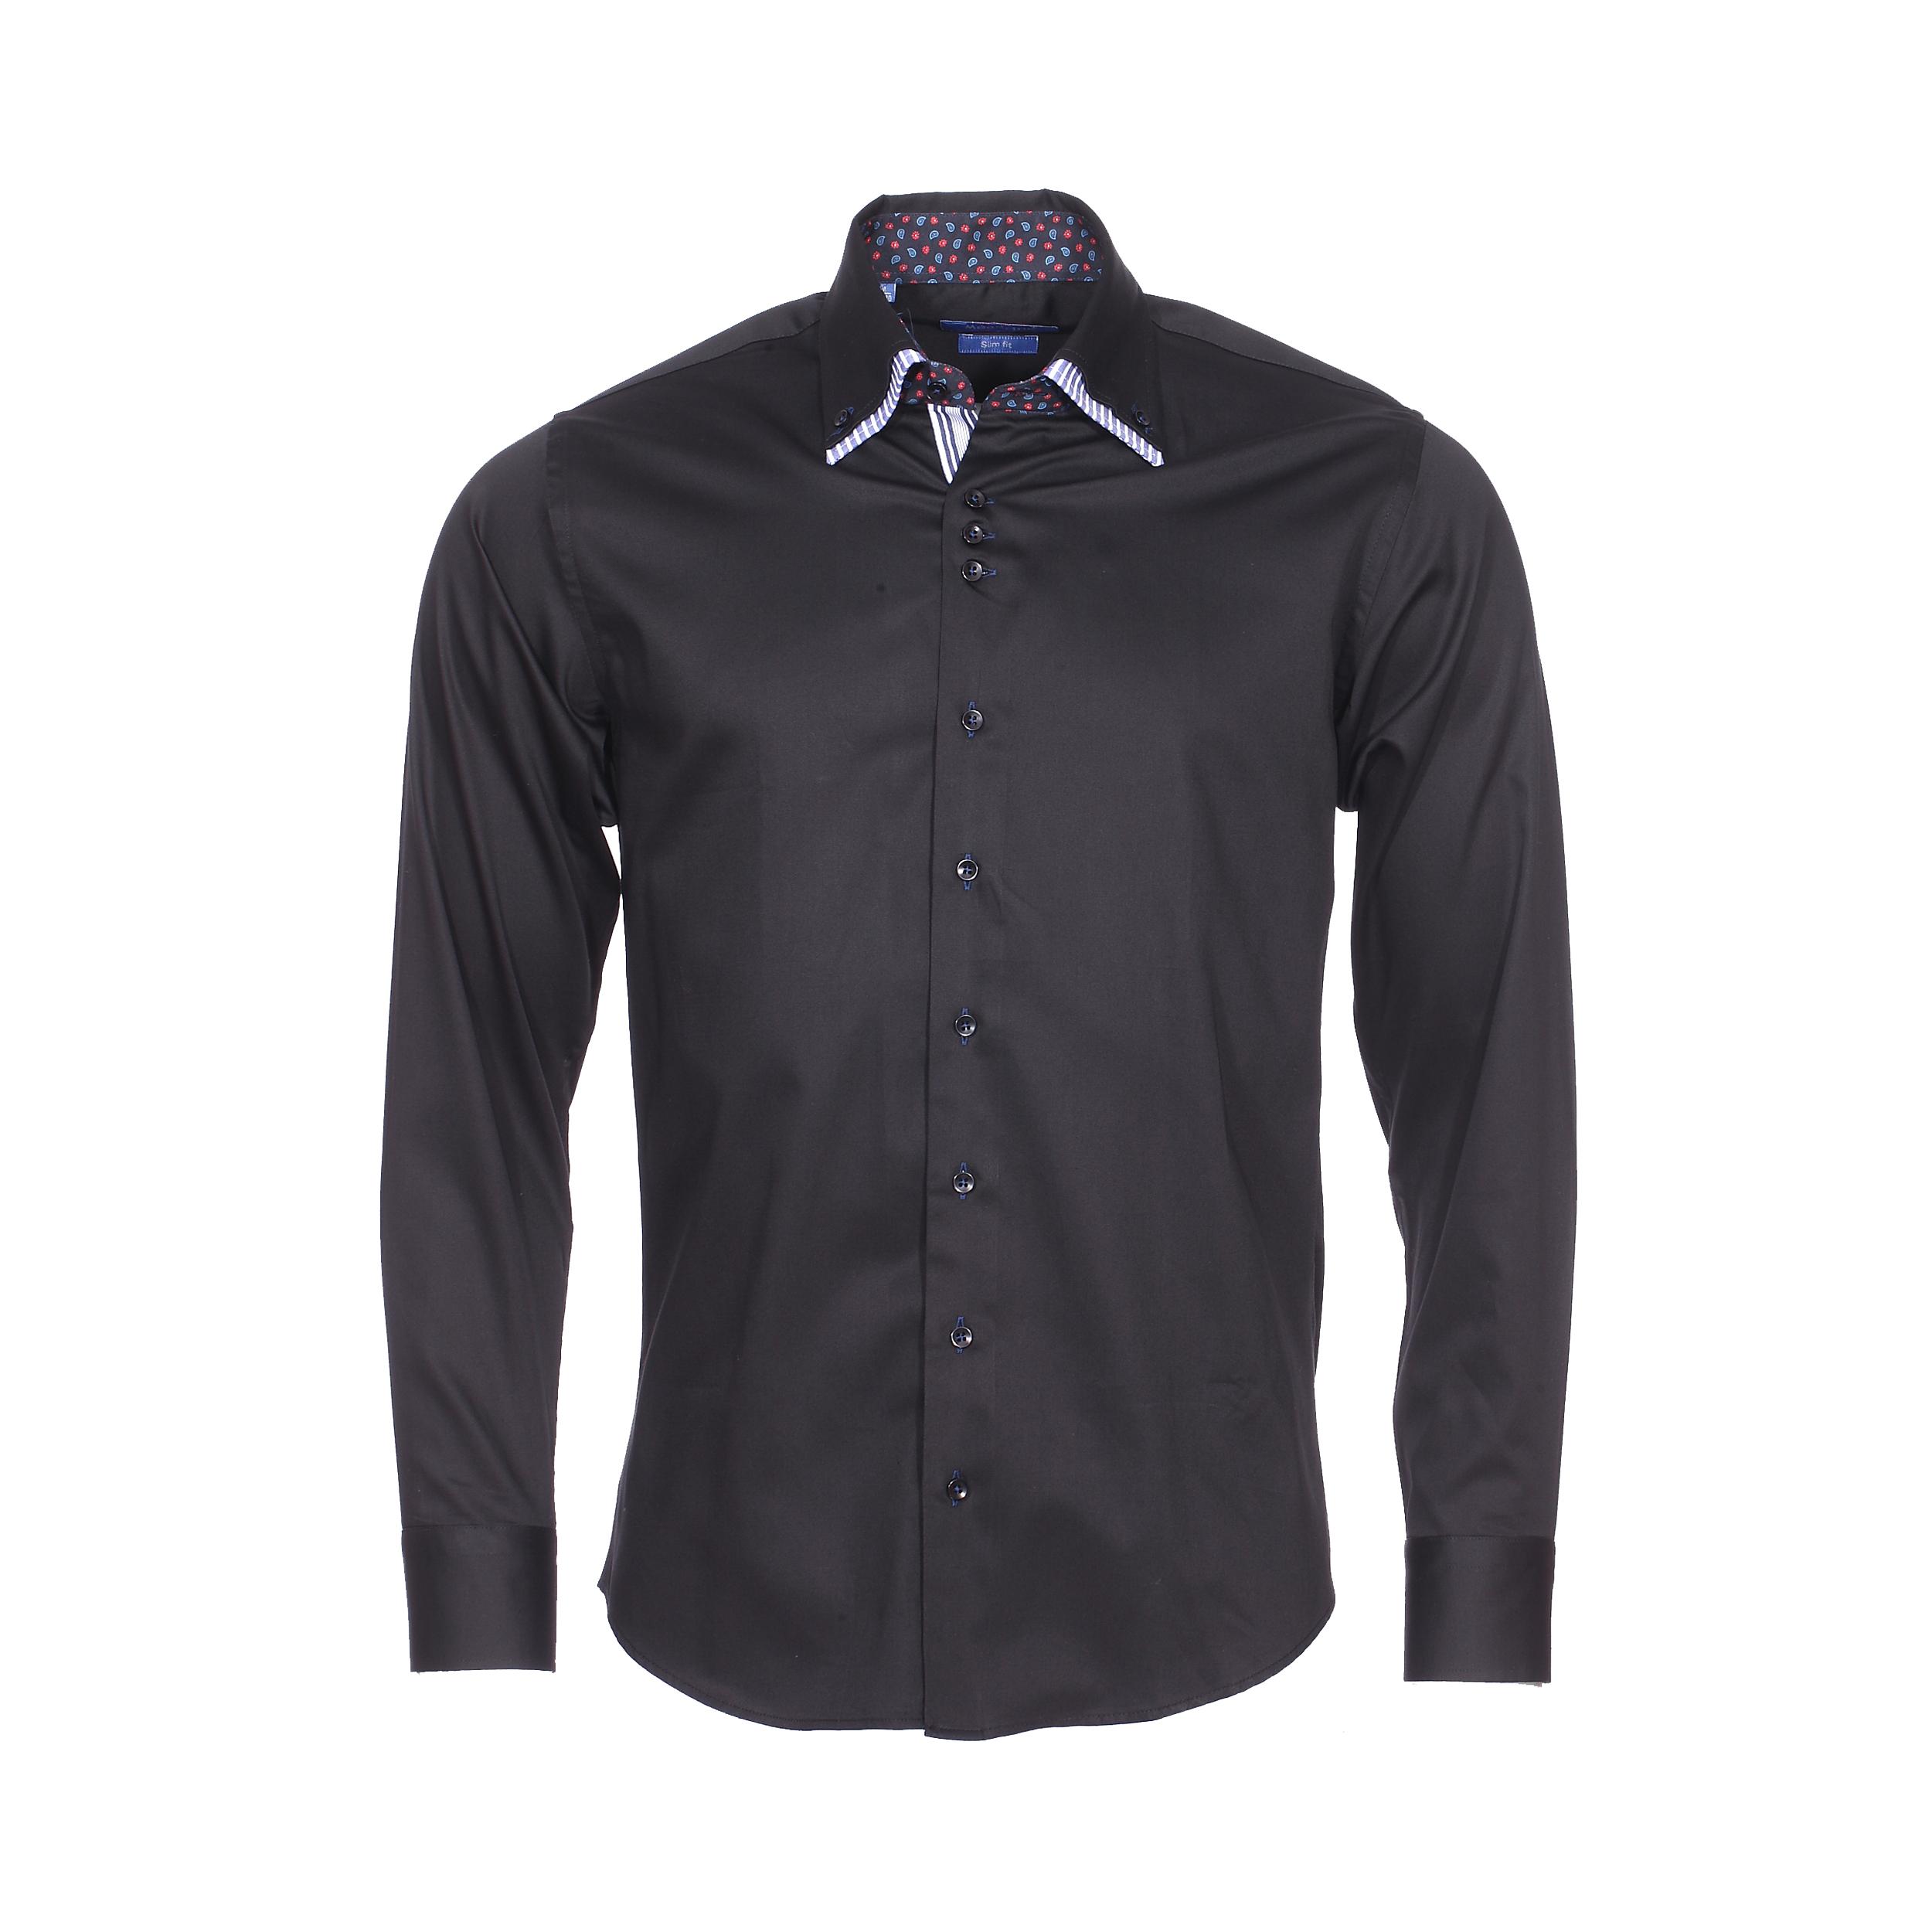 Chemise cintrée  en coton noir à double col américain : 1 col noir et 1 col bleu indigo rayé de blanc